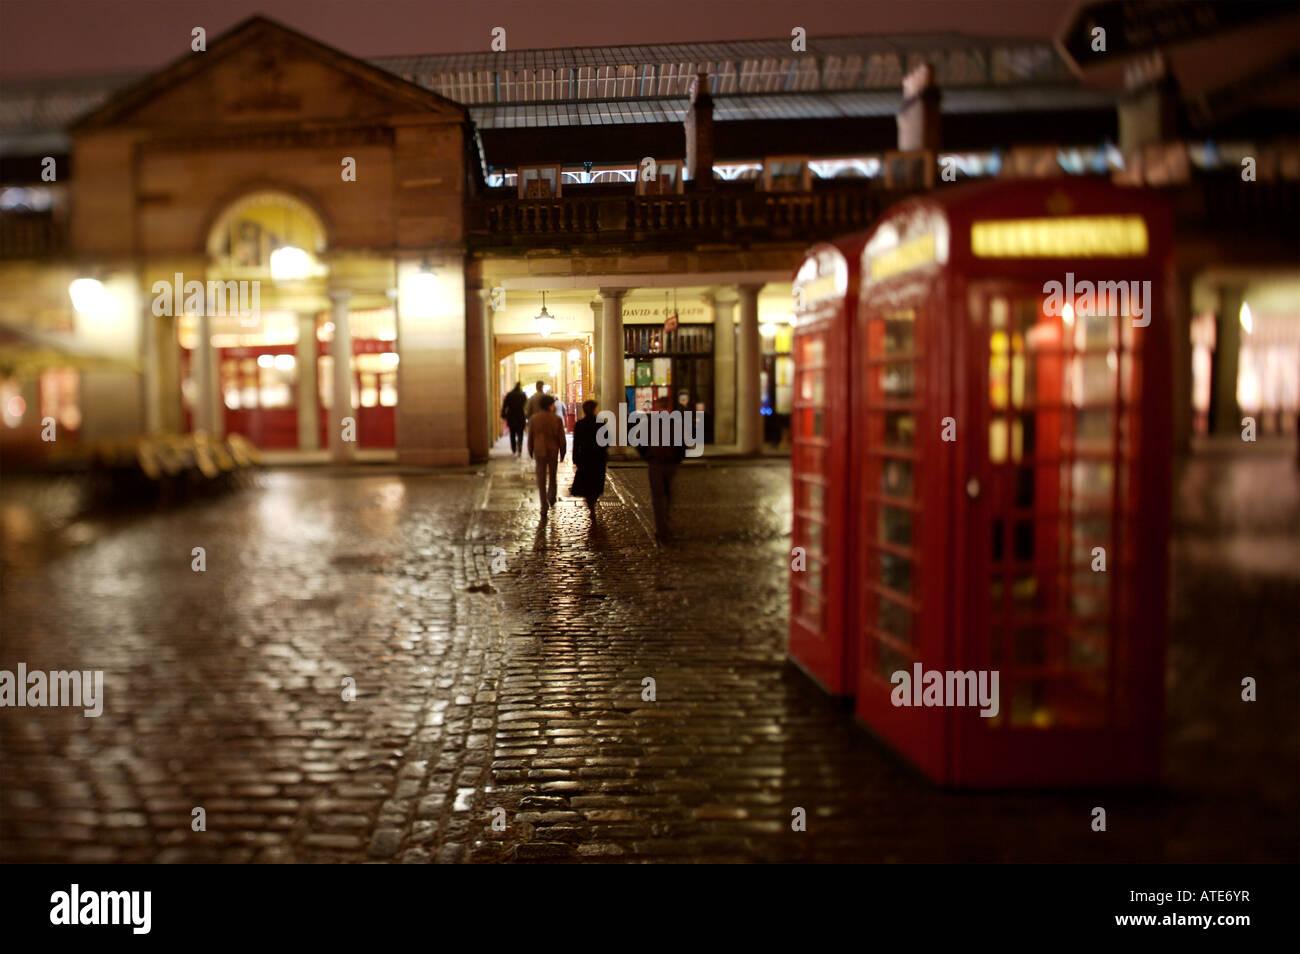 Box Nightclub London Stock Photos & Box Nightclub London Stock ...